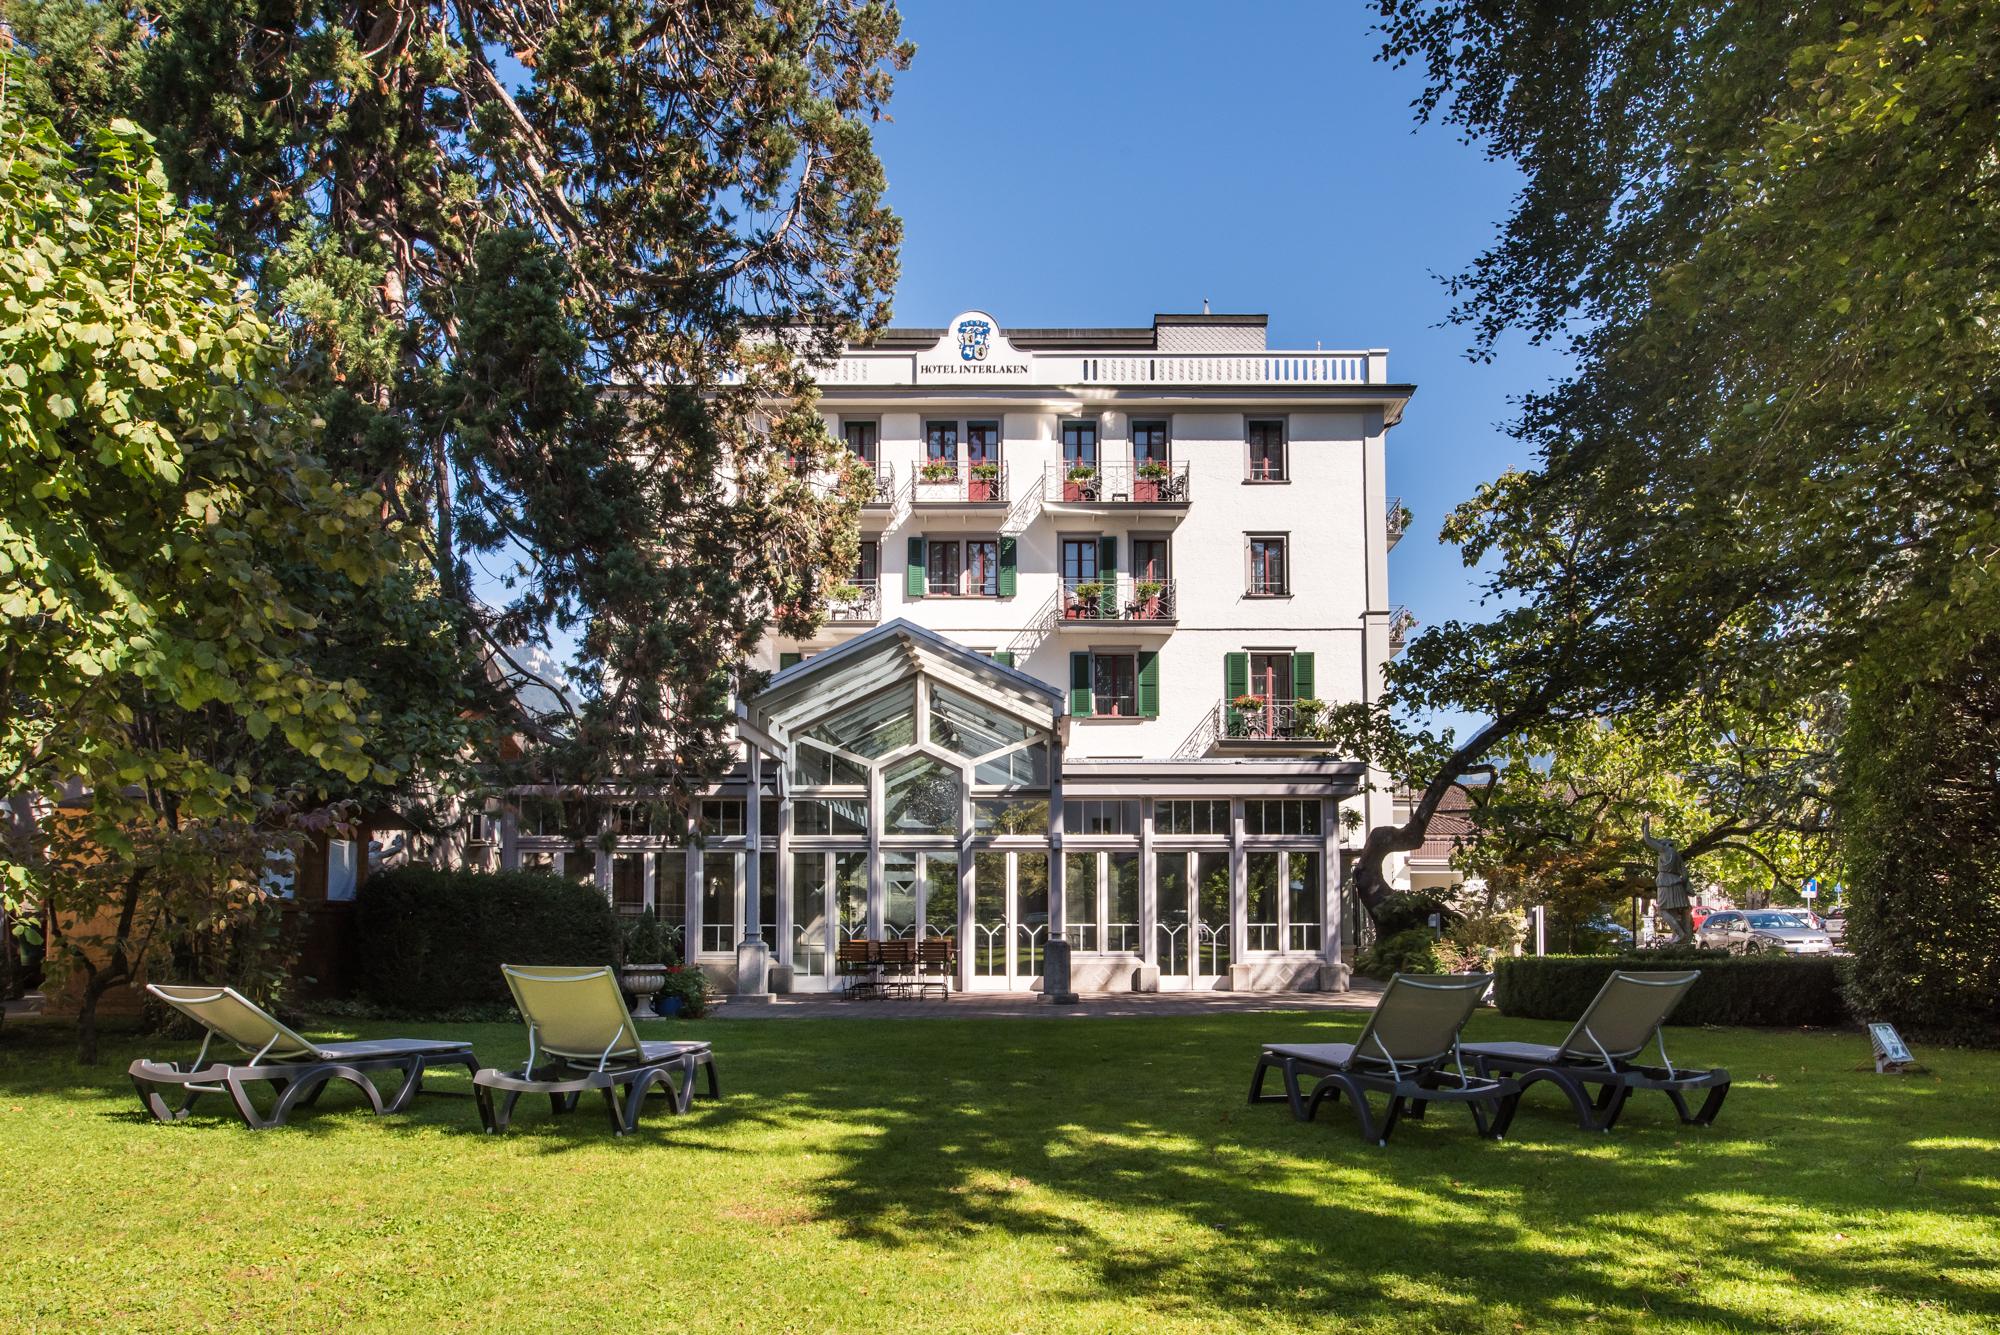 Hotel Interlaken Switzerland Galerie